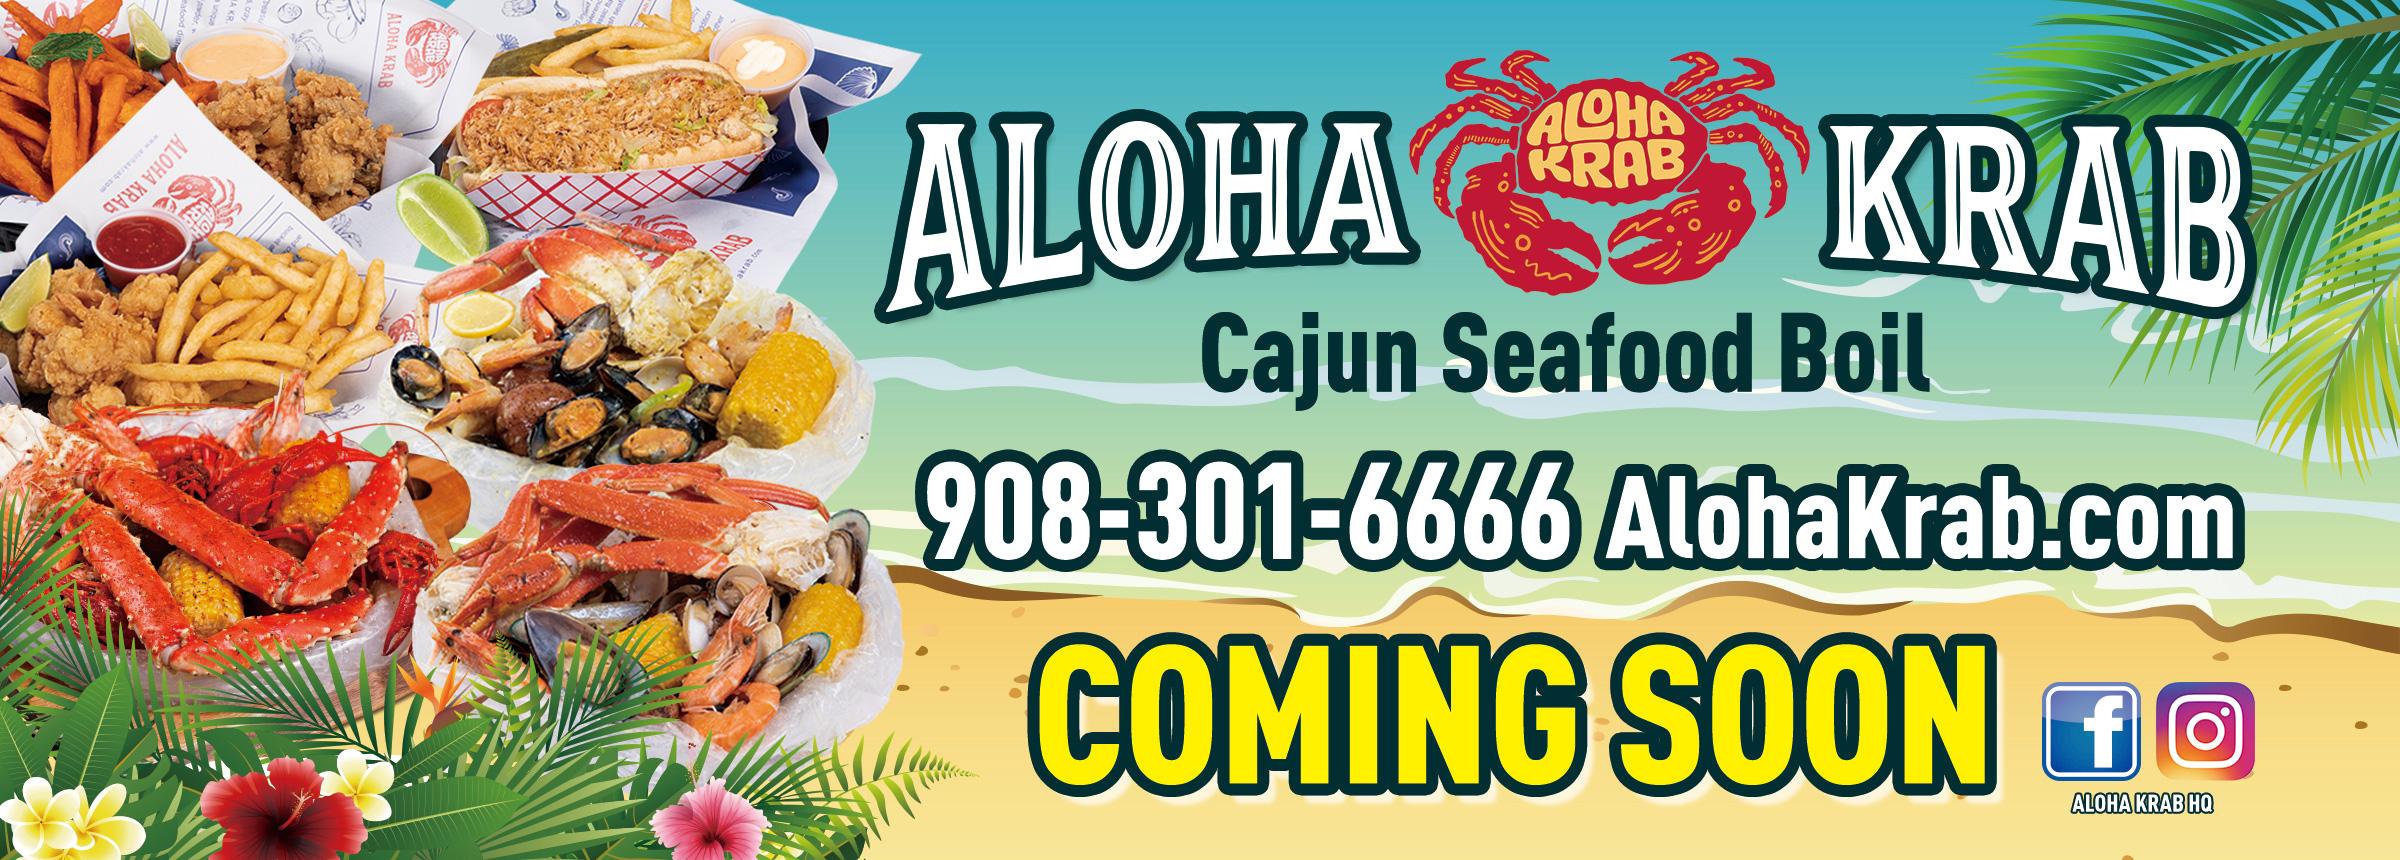 Aloha Krab NY 9083016666 Website Banner Ad